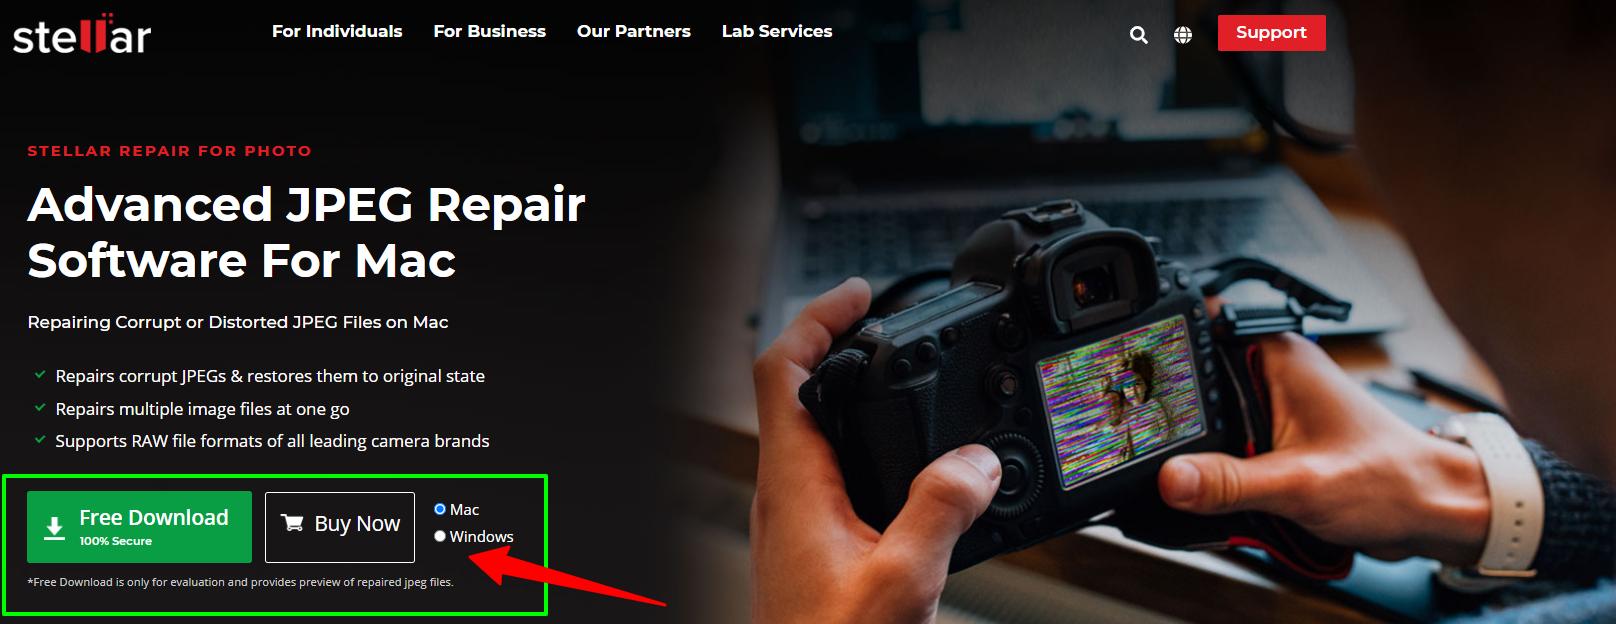 _ Repair Corrupt JPEG Images - Stellar